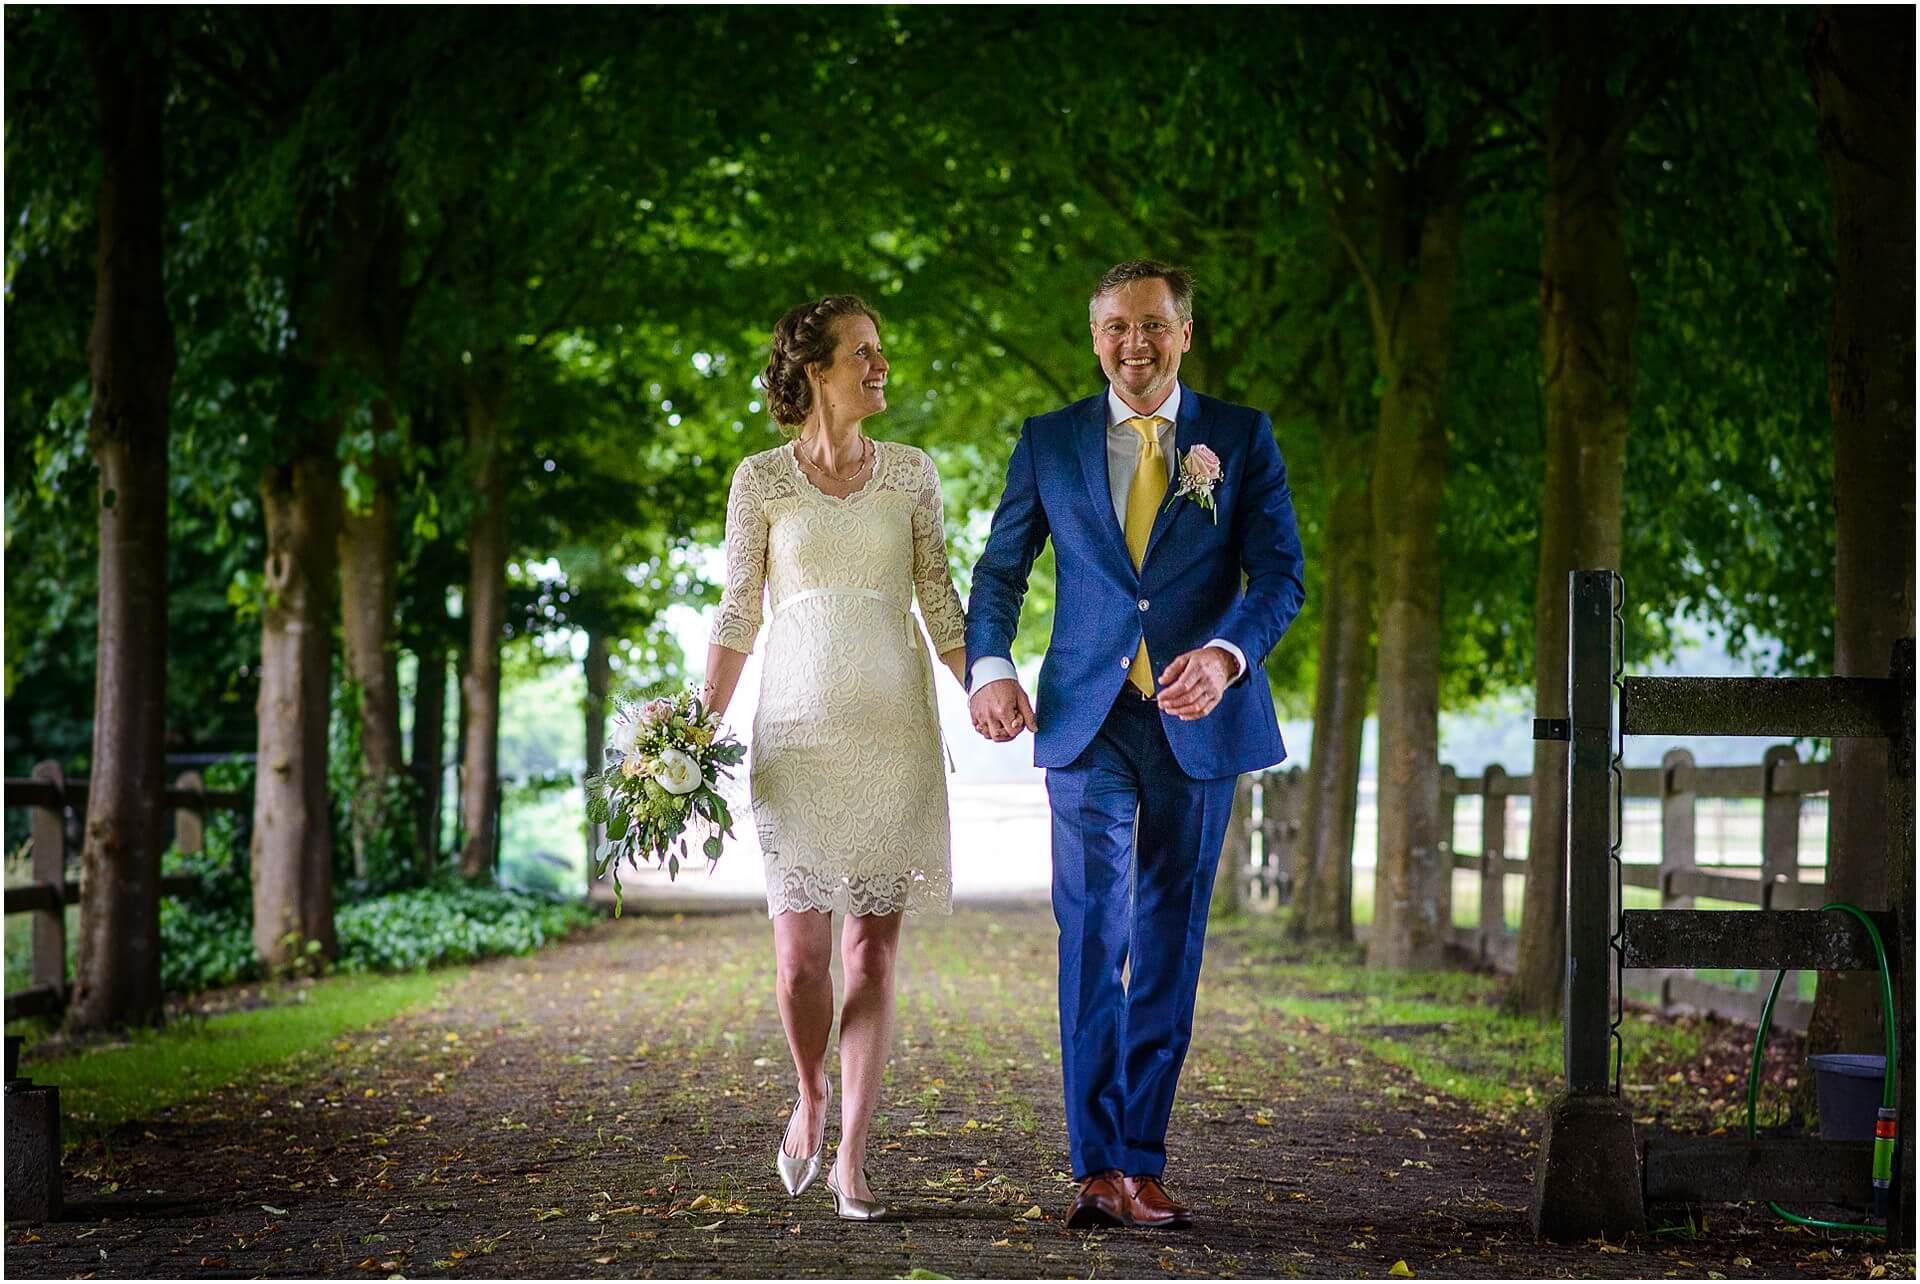 Bruidsfotografie Raadhuis Vught en feesten in eigen tuin door bruidsfotograaf Sandy Peters_0009.jpg